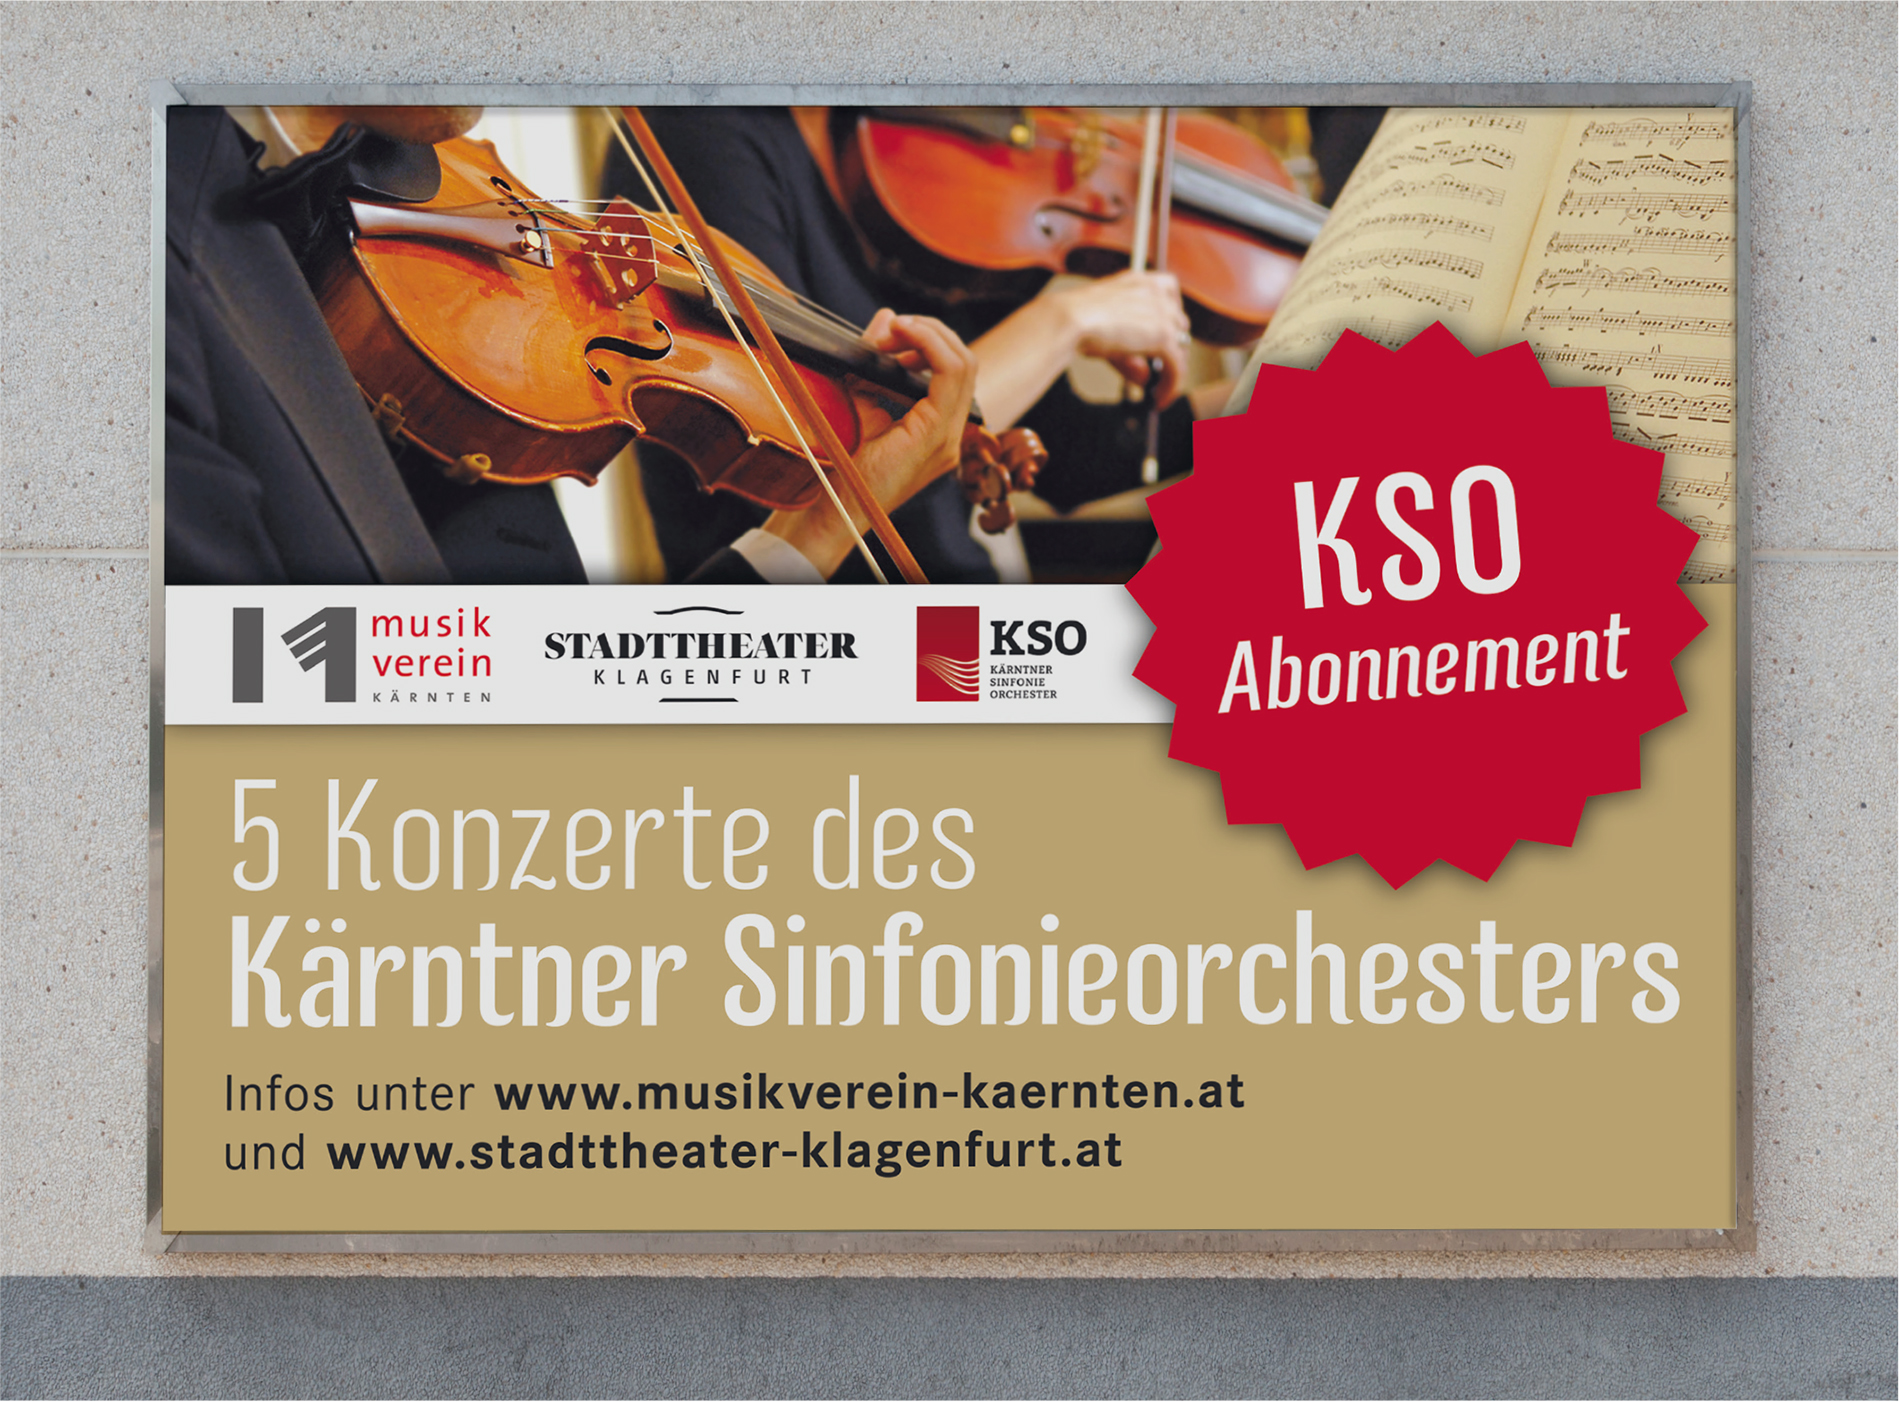 BOSS Grafik | Kärntner Sinfonieorchester